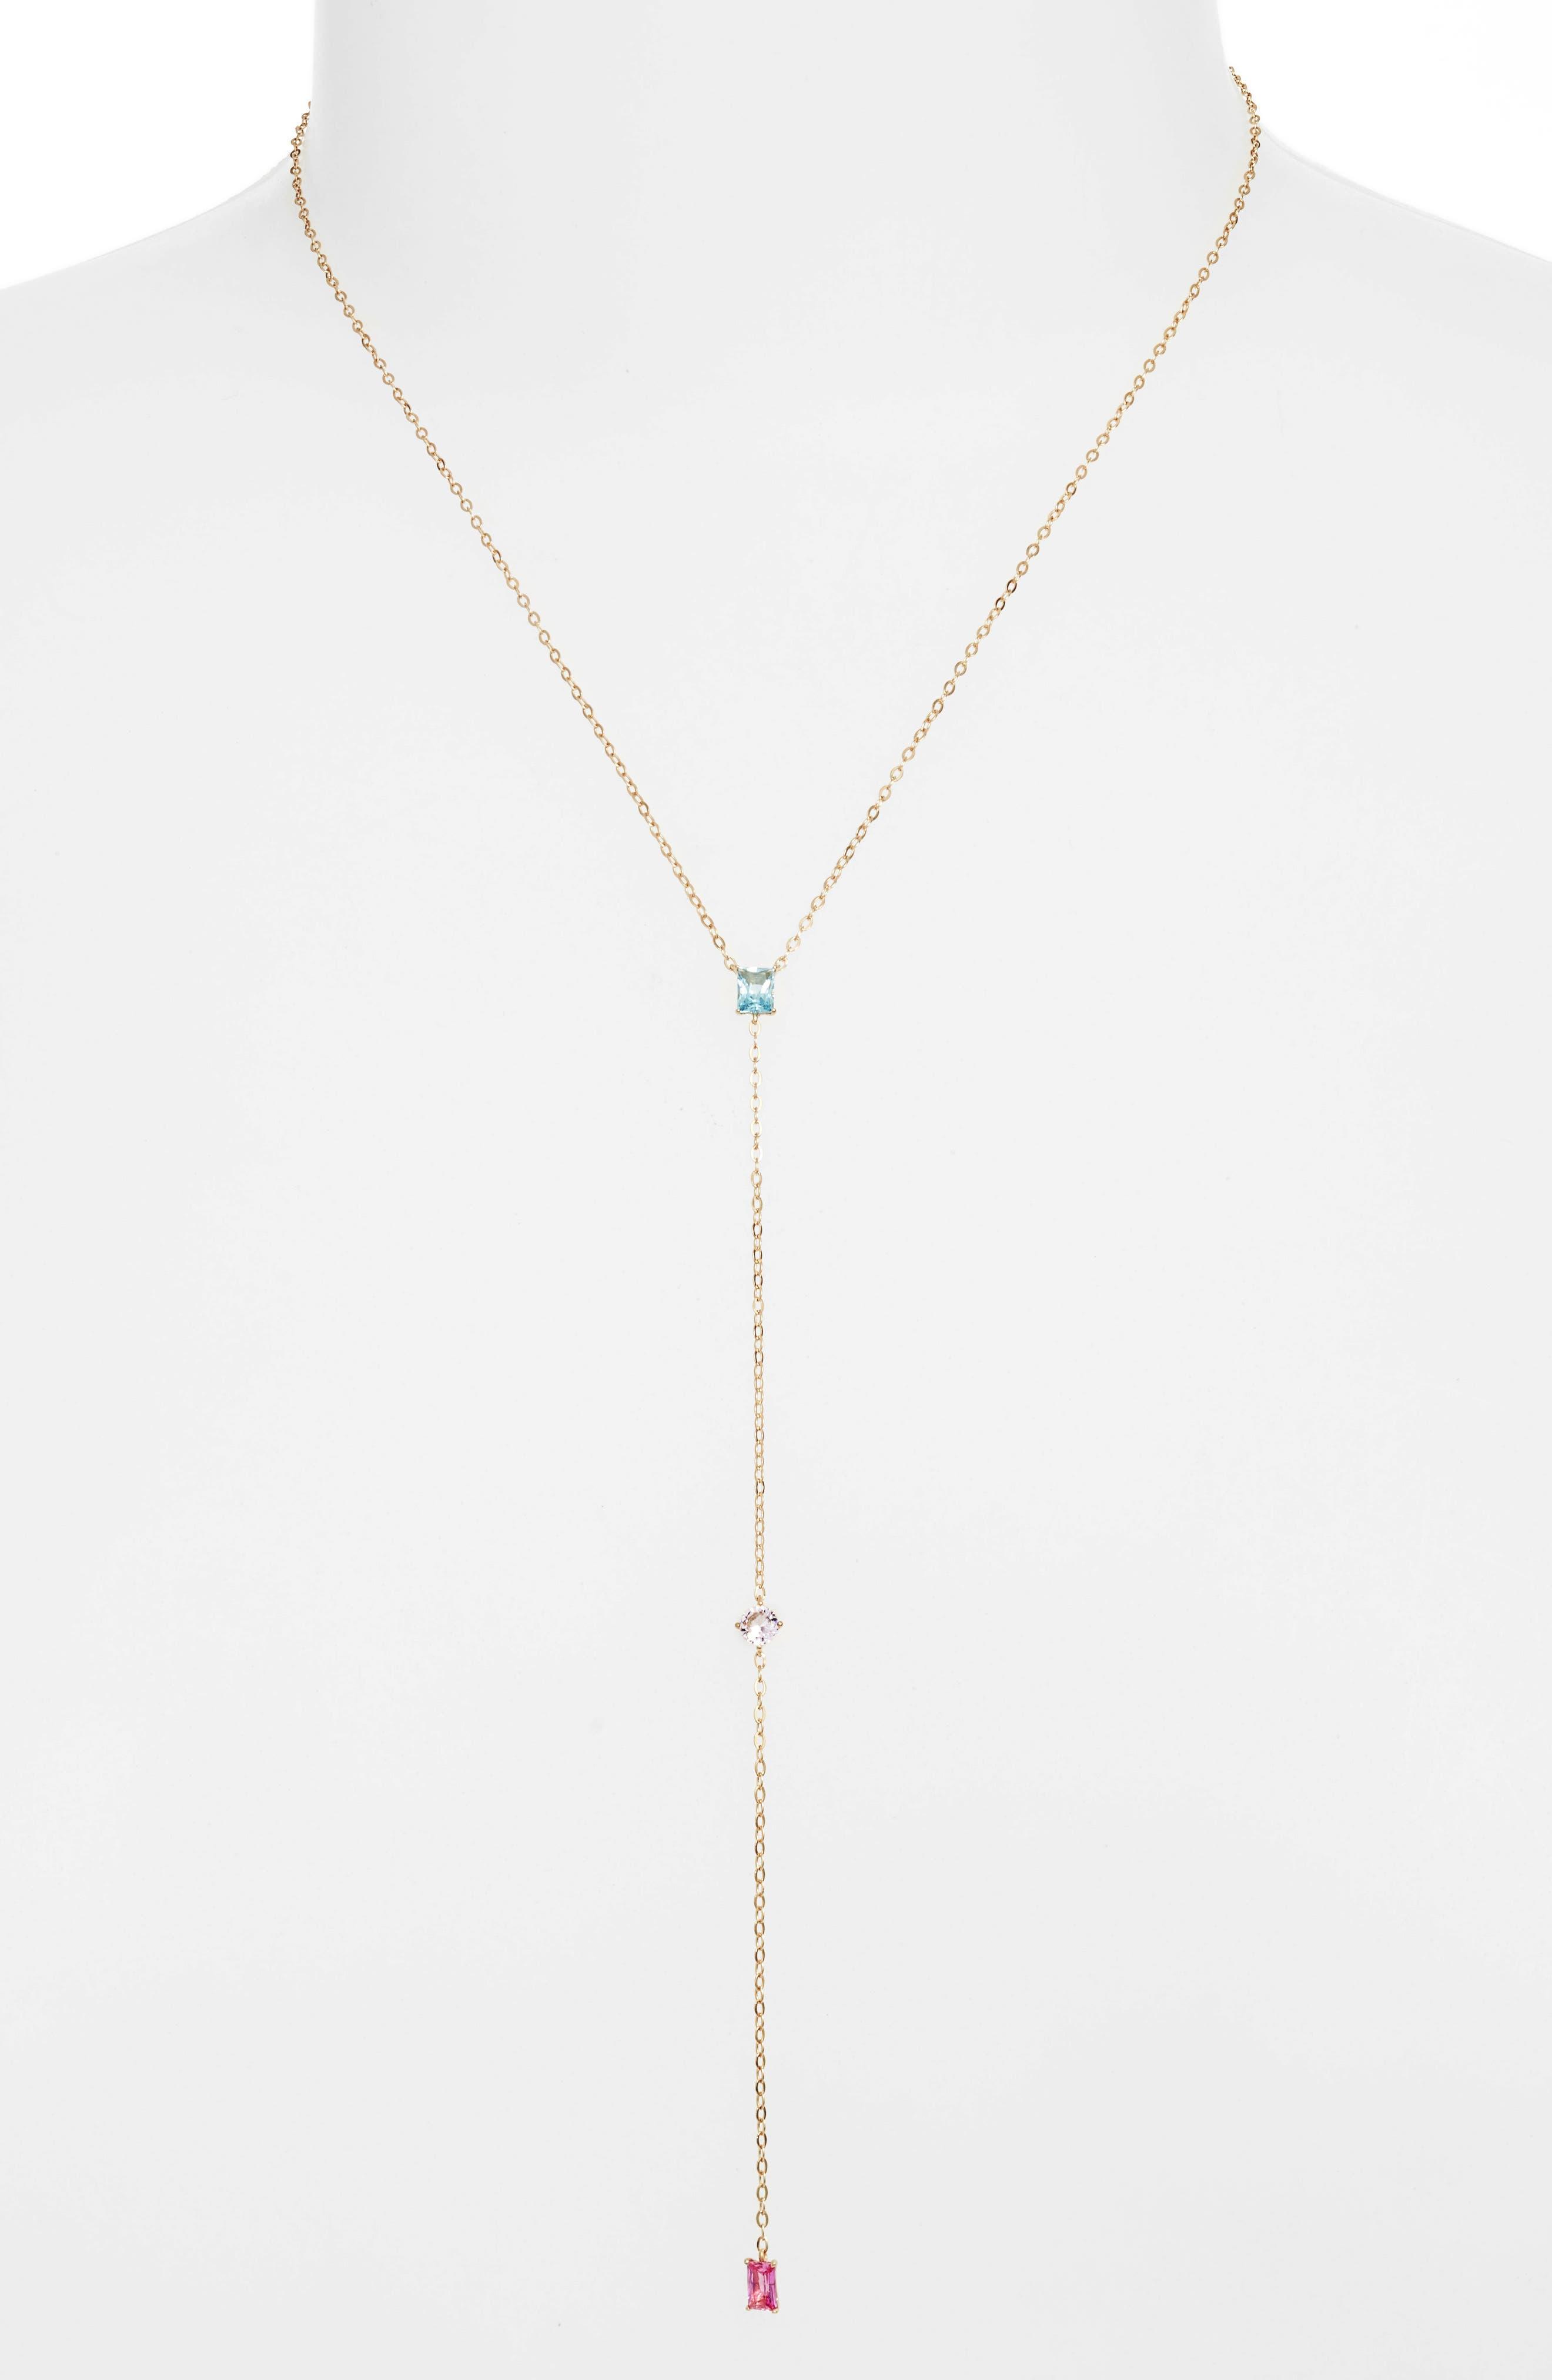 Tier Pendant Necklace,                             Main thumbnail 1, color,                             Gold